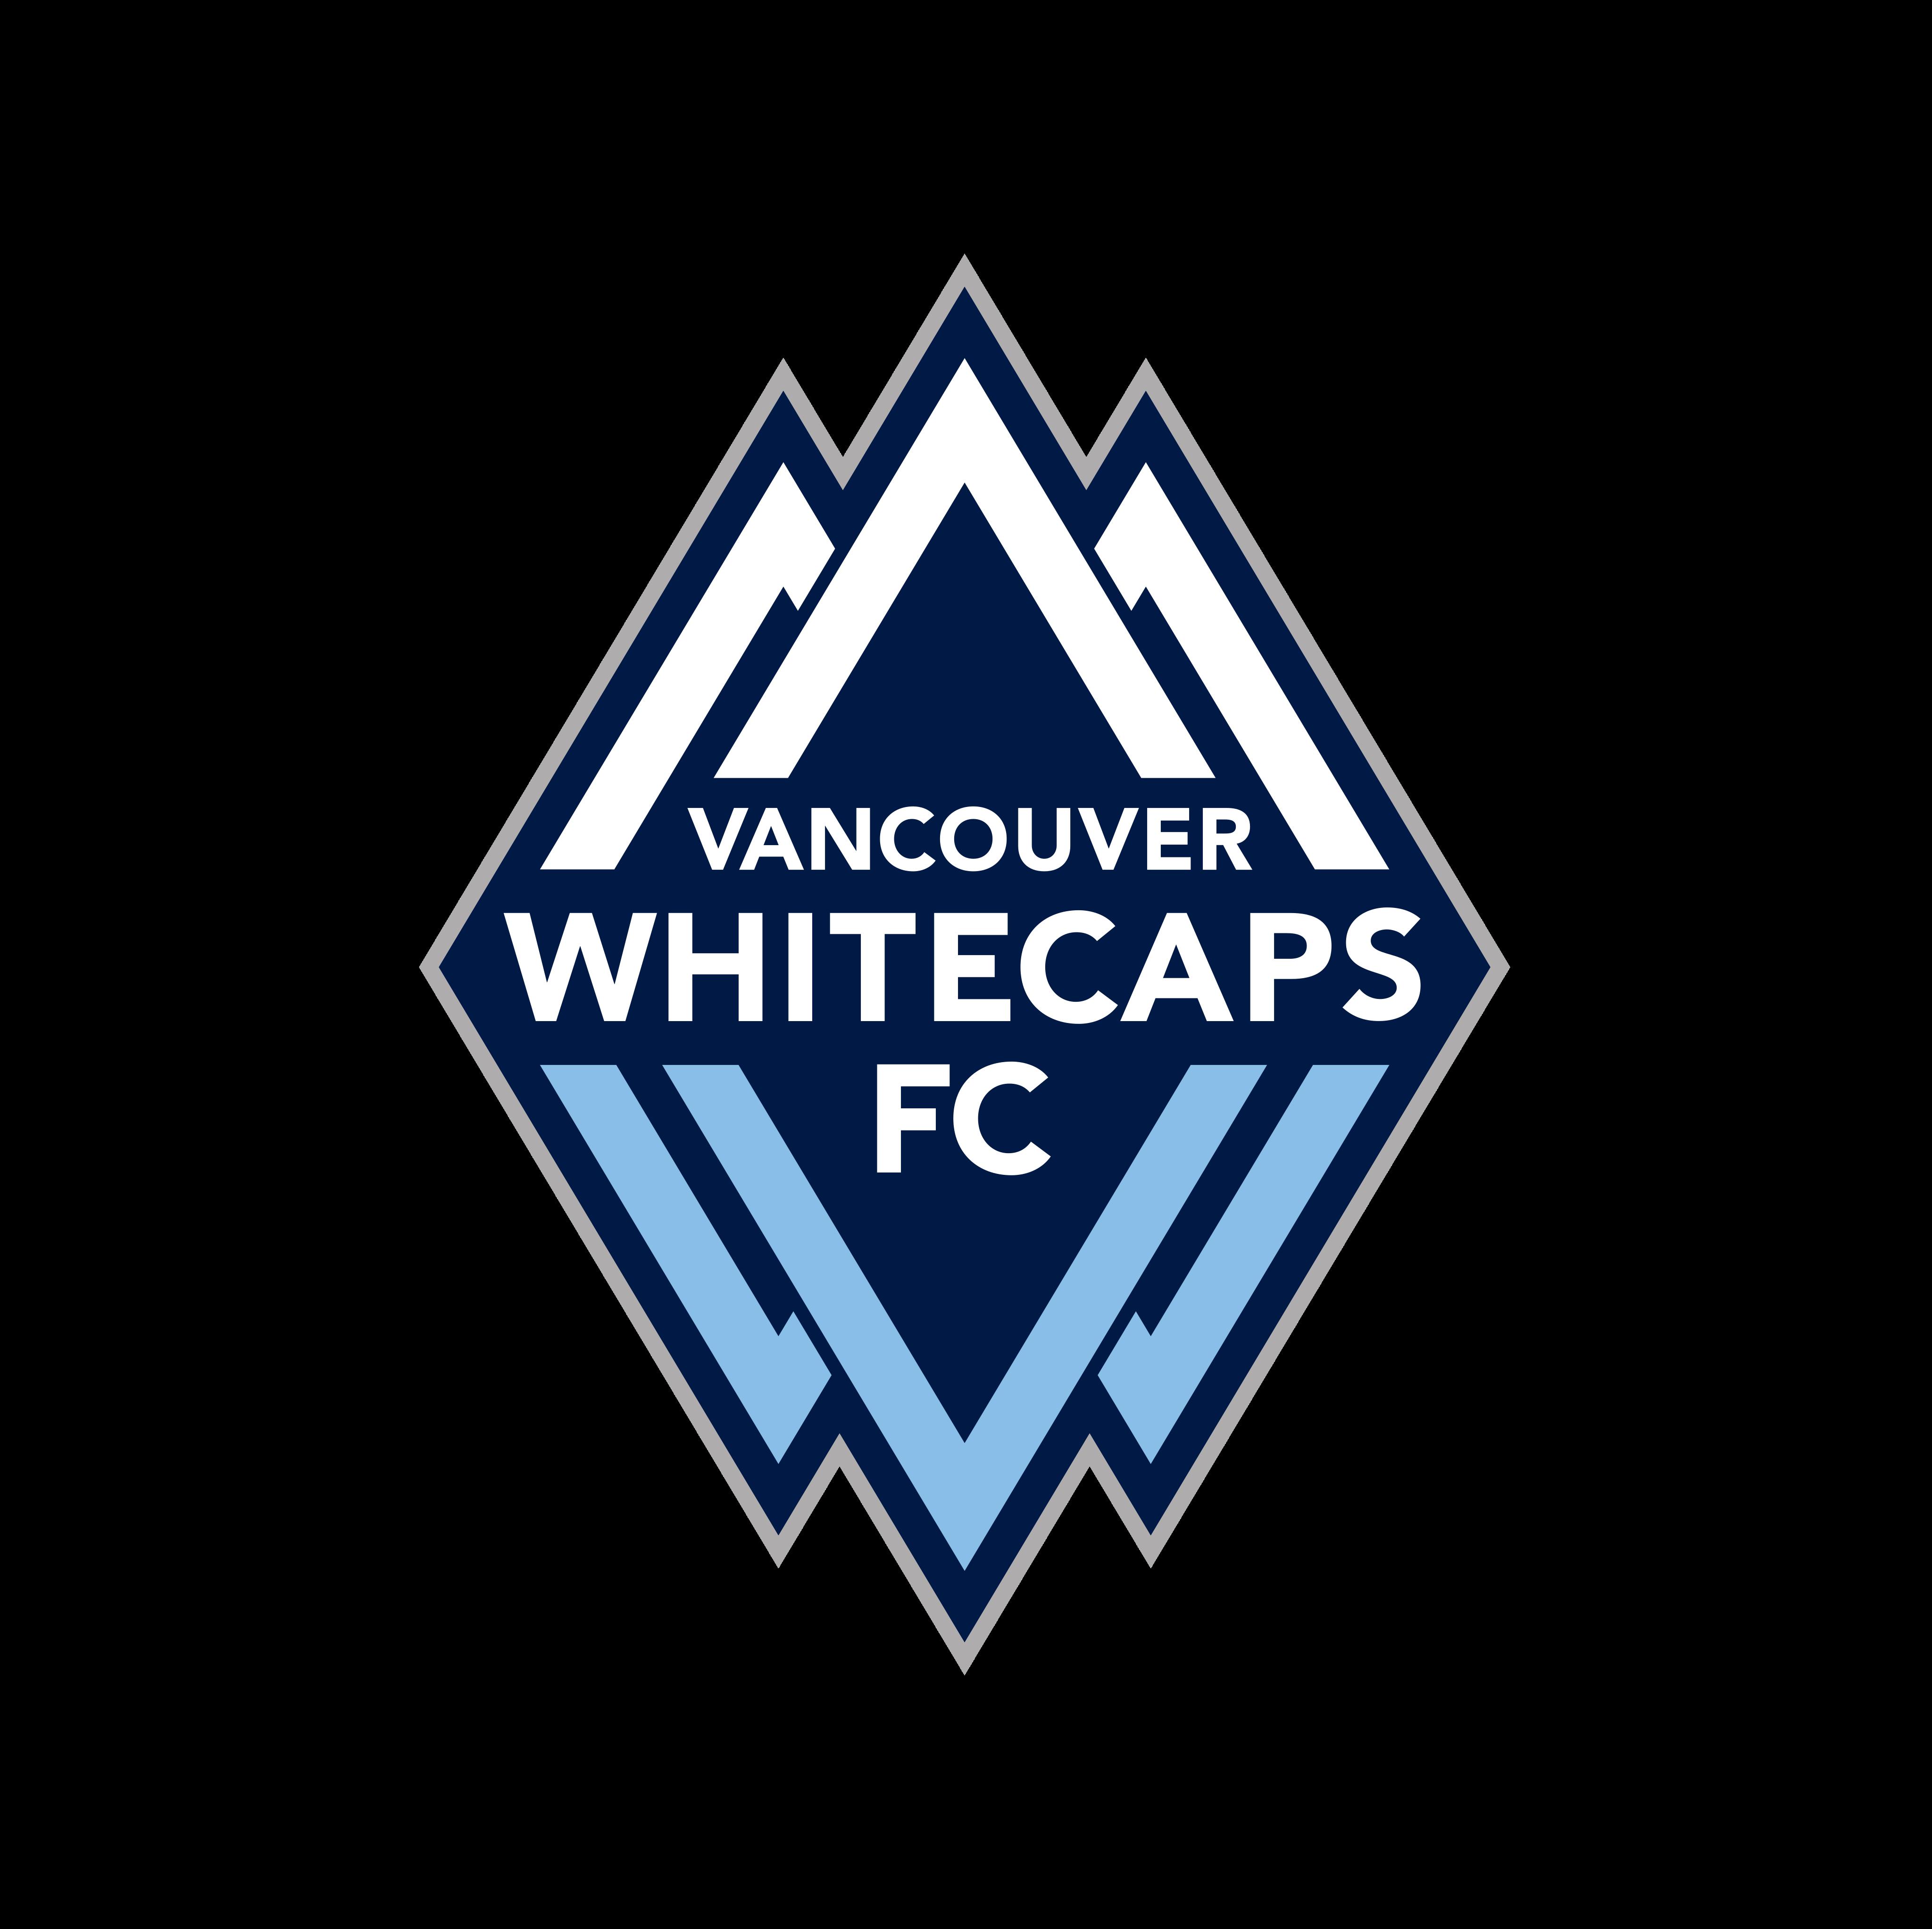 vancouver whitecaps fc logo 0 - Vancouver Whitecaps FC Logo